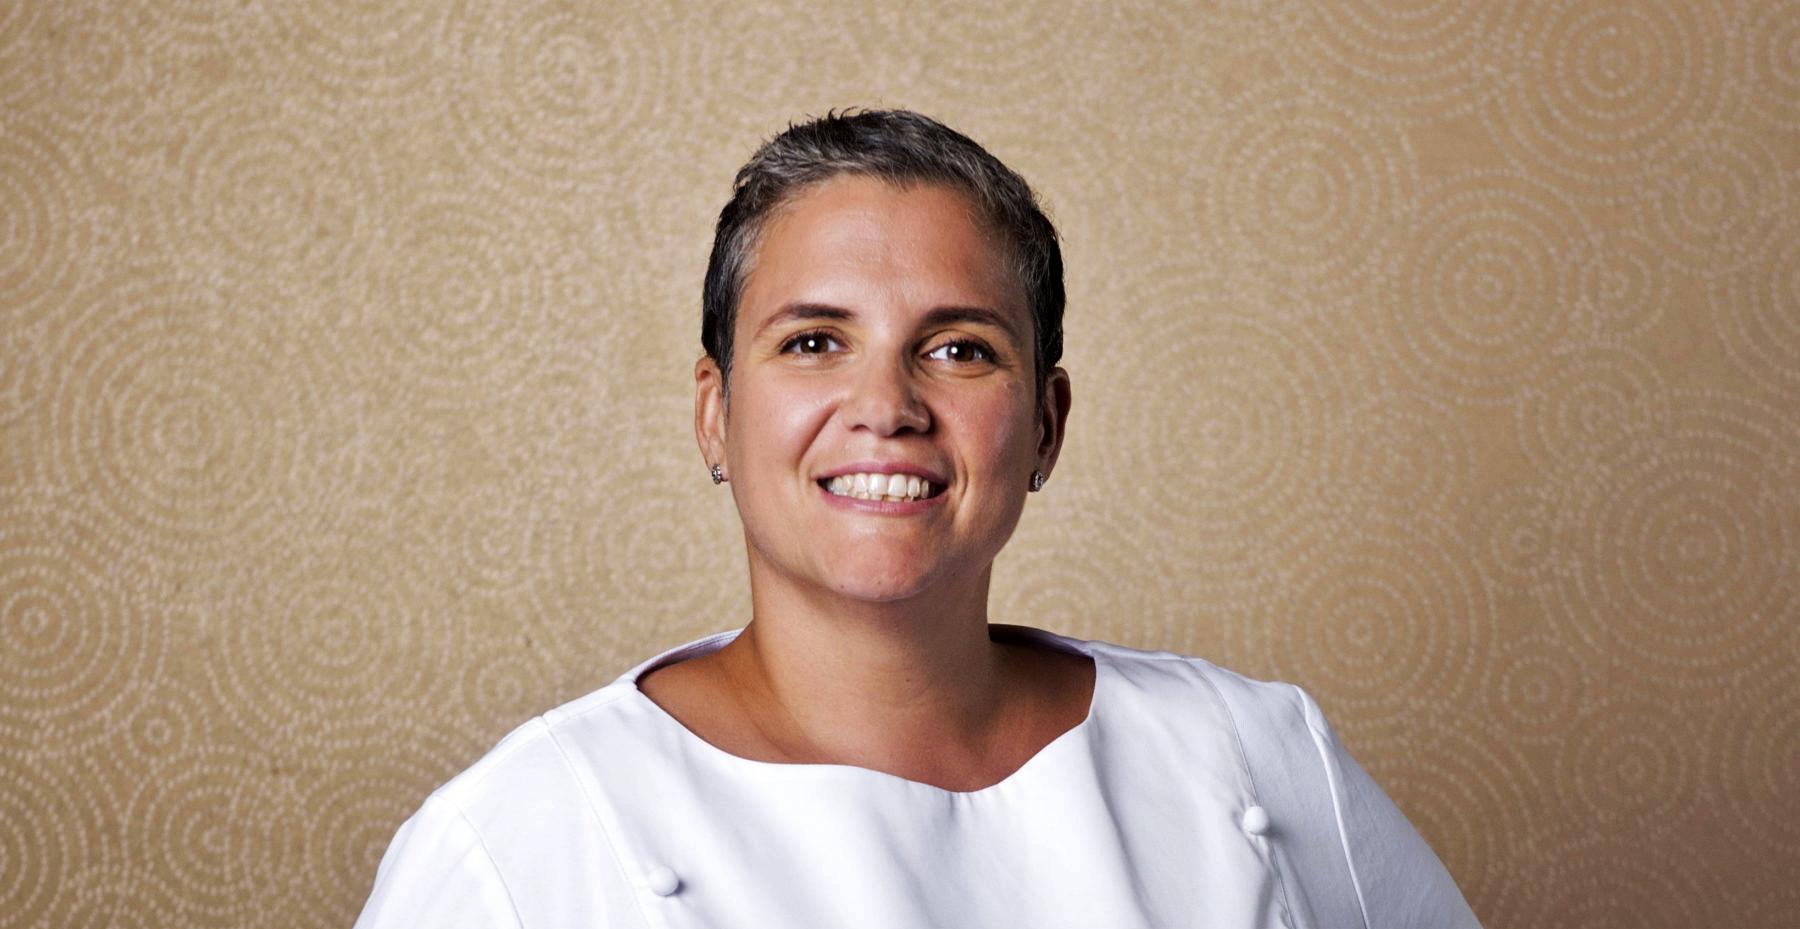 Chef Mina crop